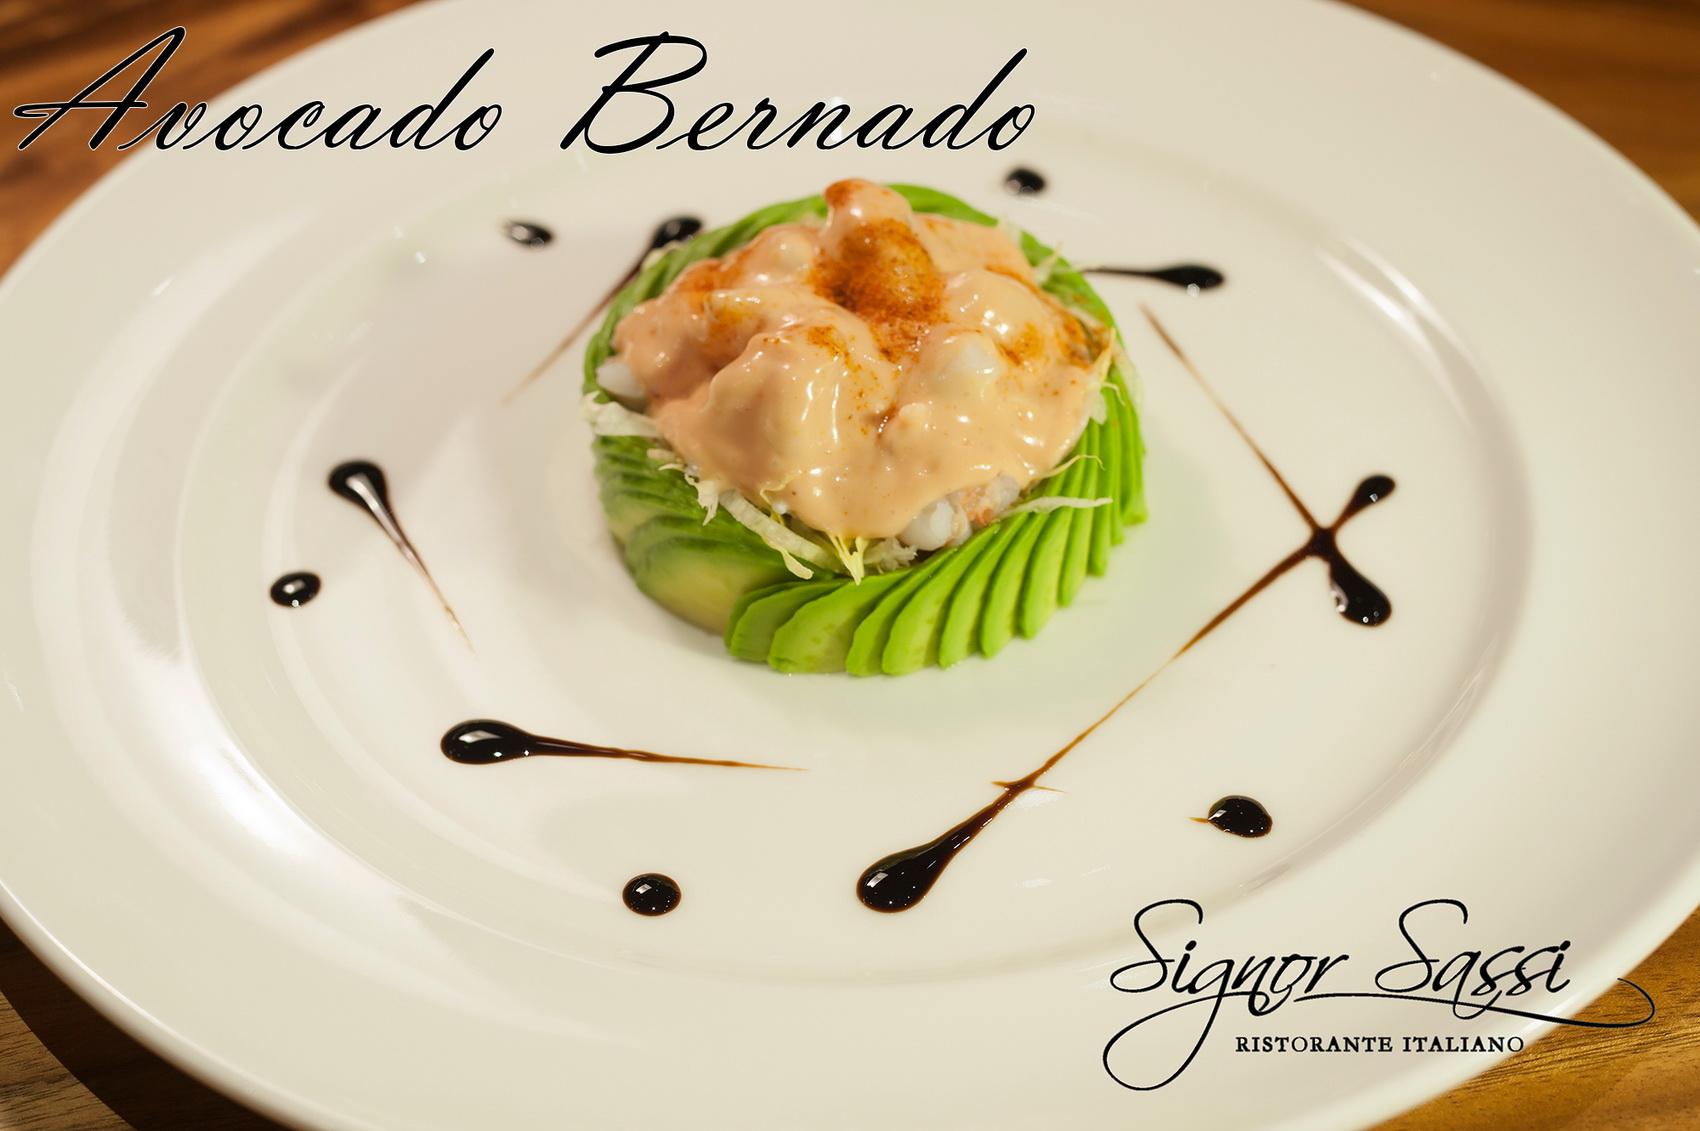 Avocado-Bernado-_resize